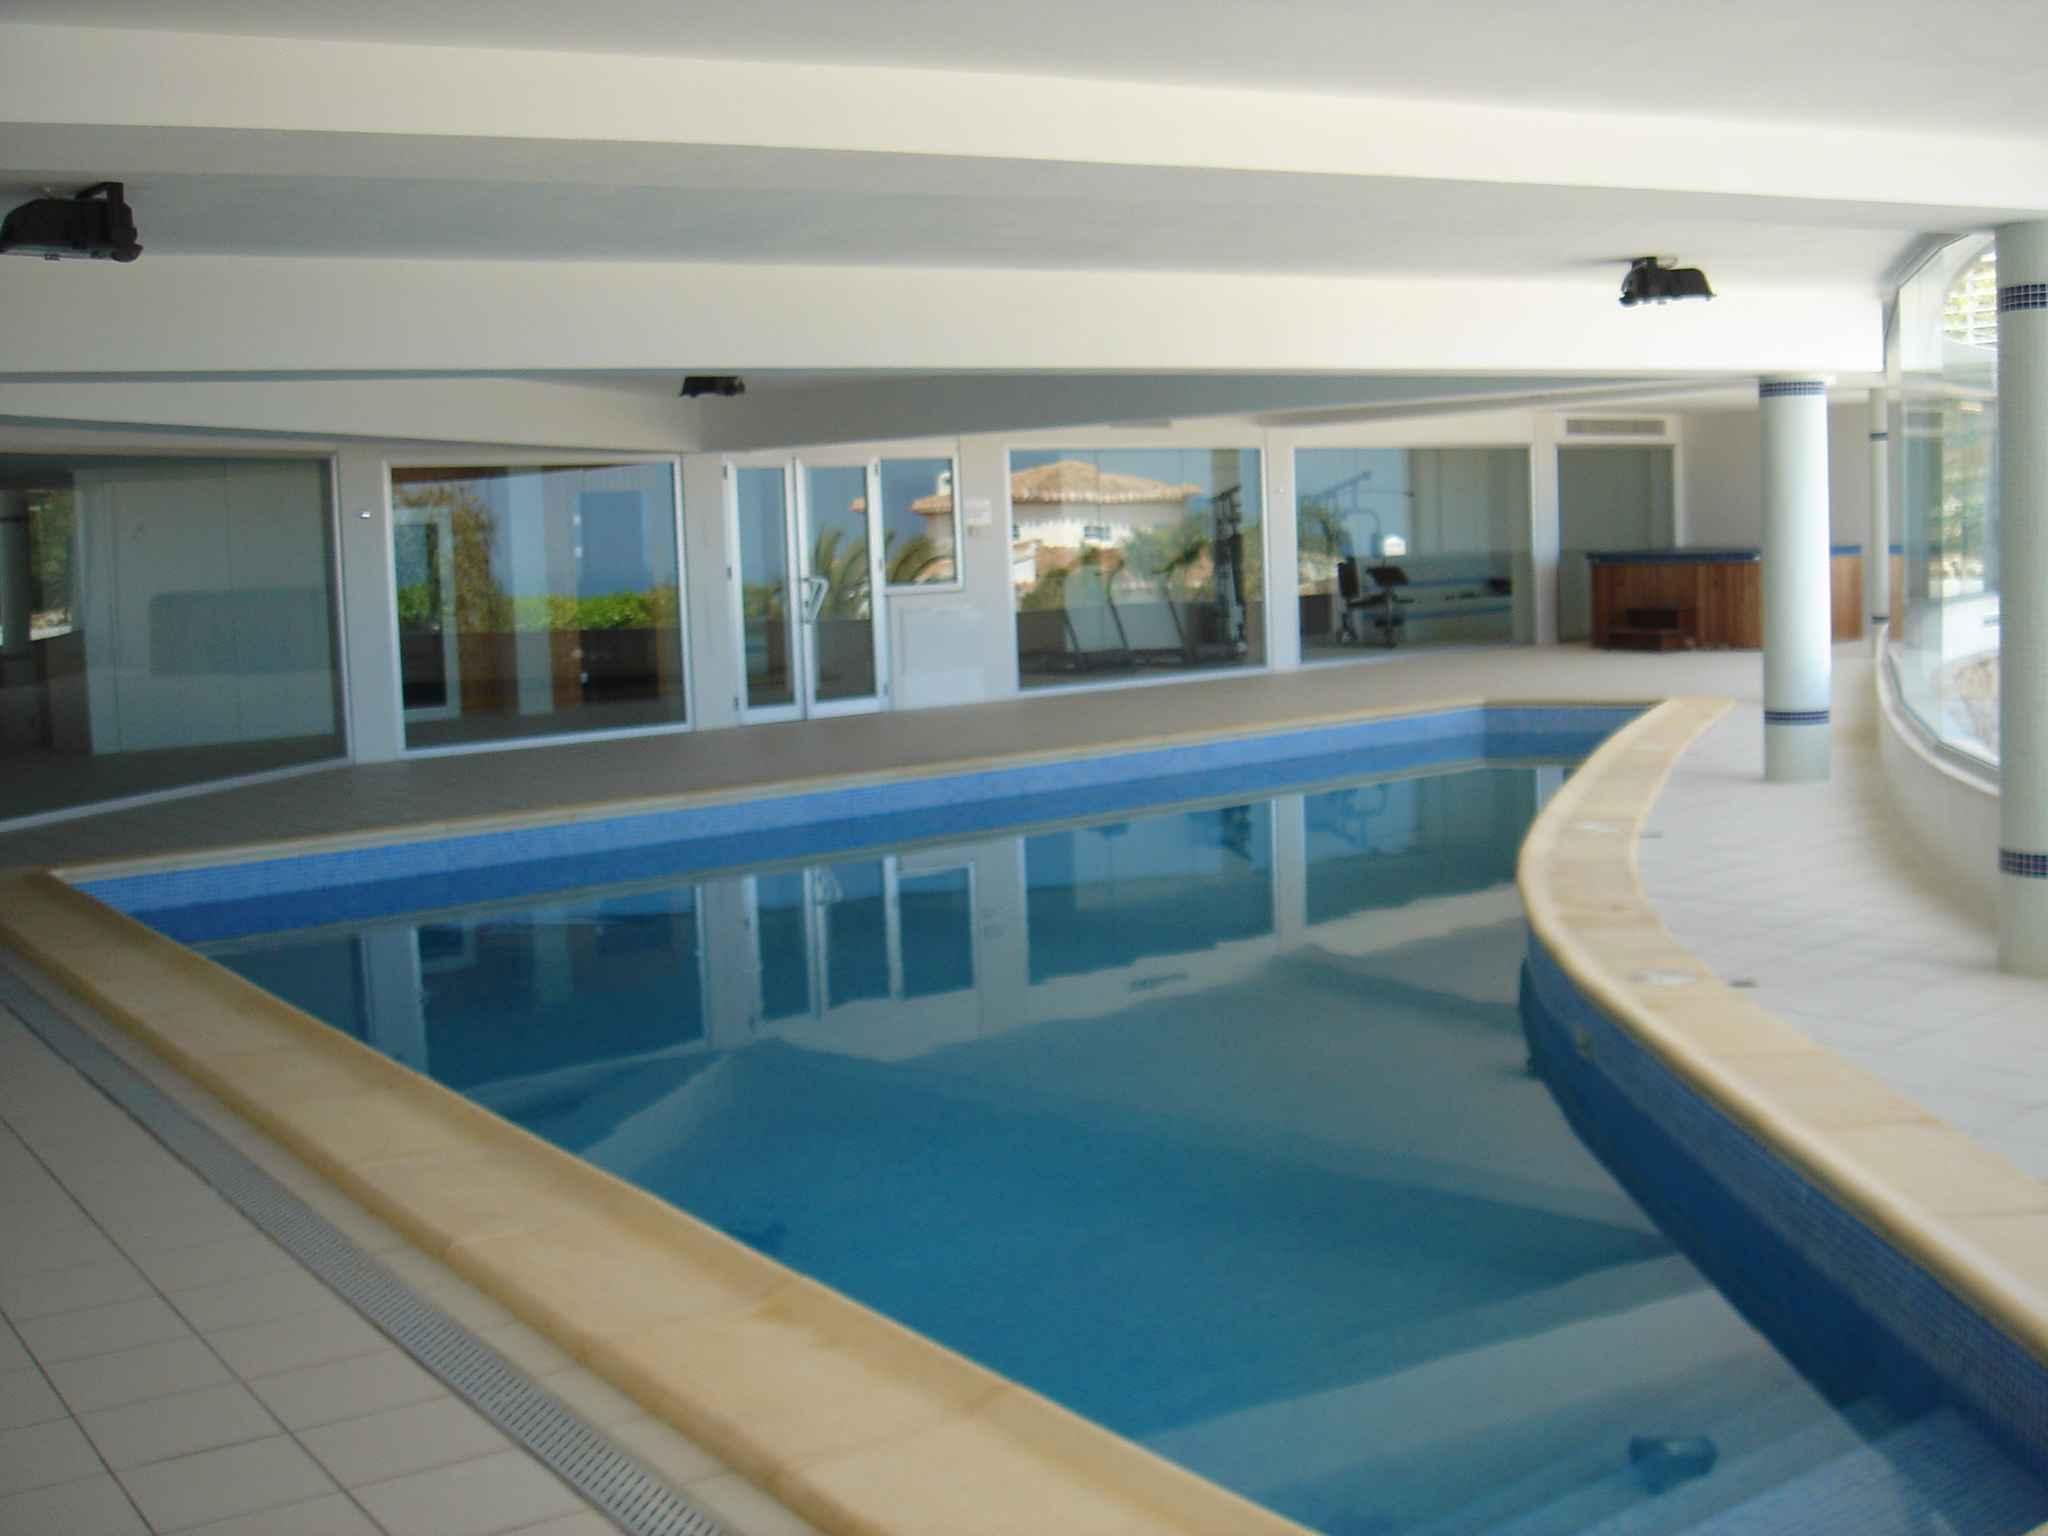 Ferienwohnung in Residence Bellavista (586751), Pego, Costa Blanca, Valencia, Spanien, Bild 14